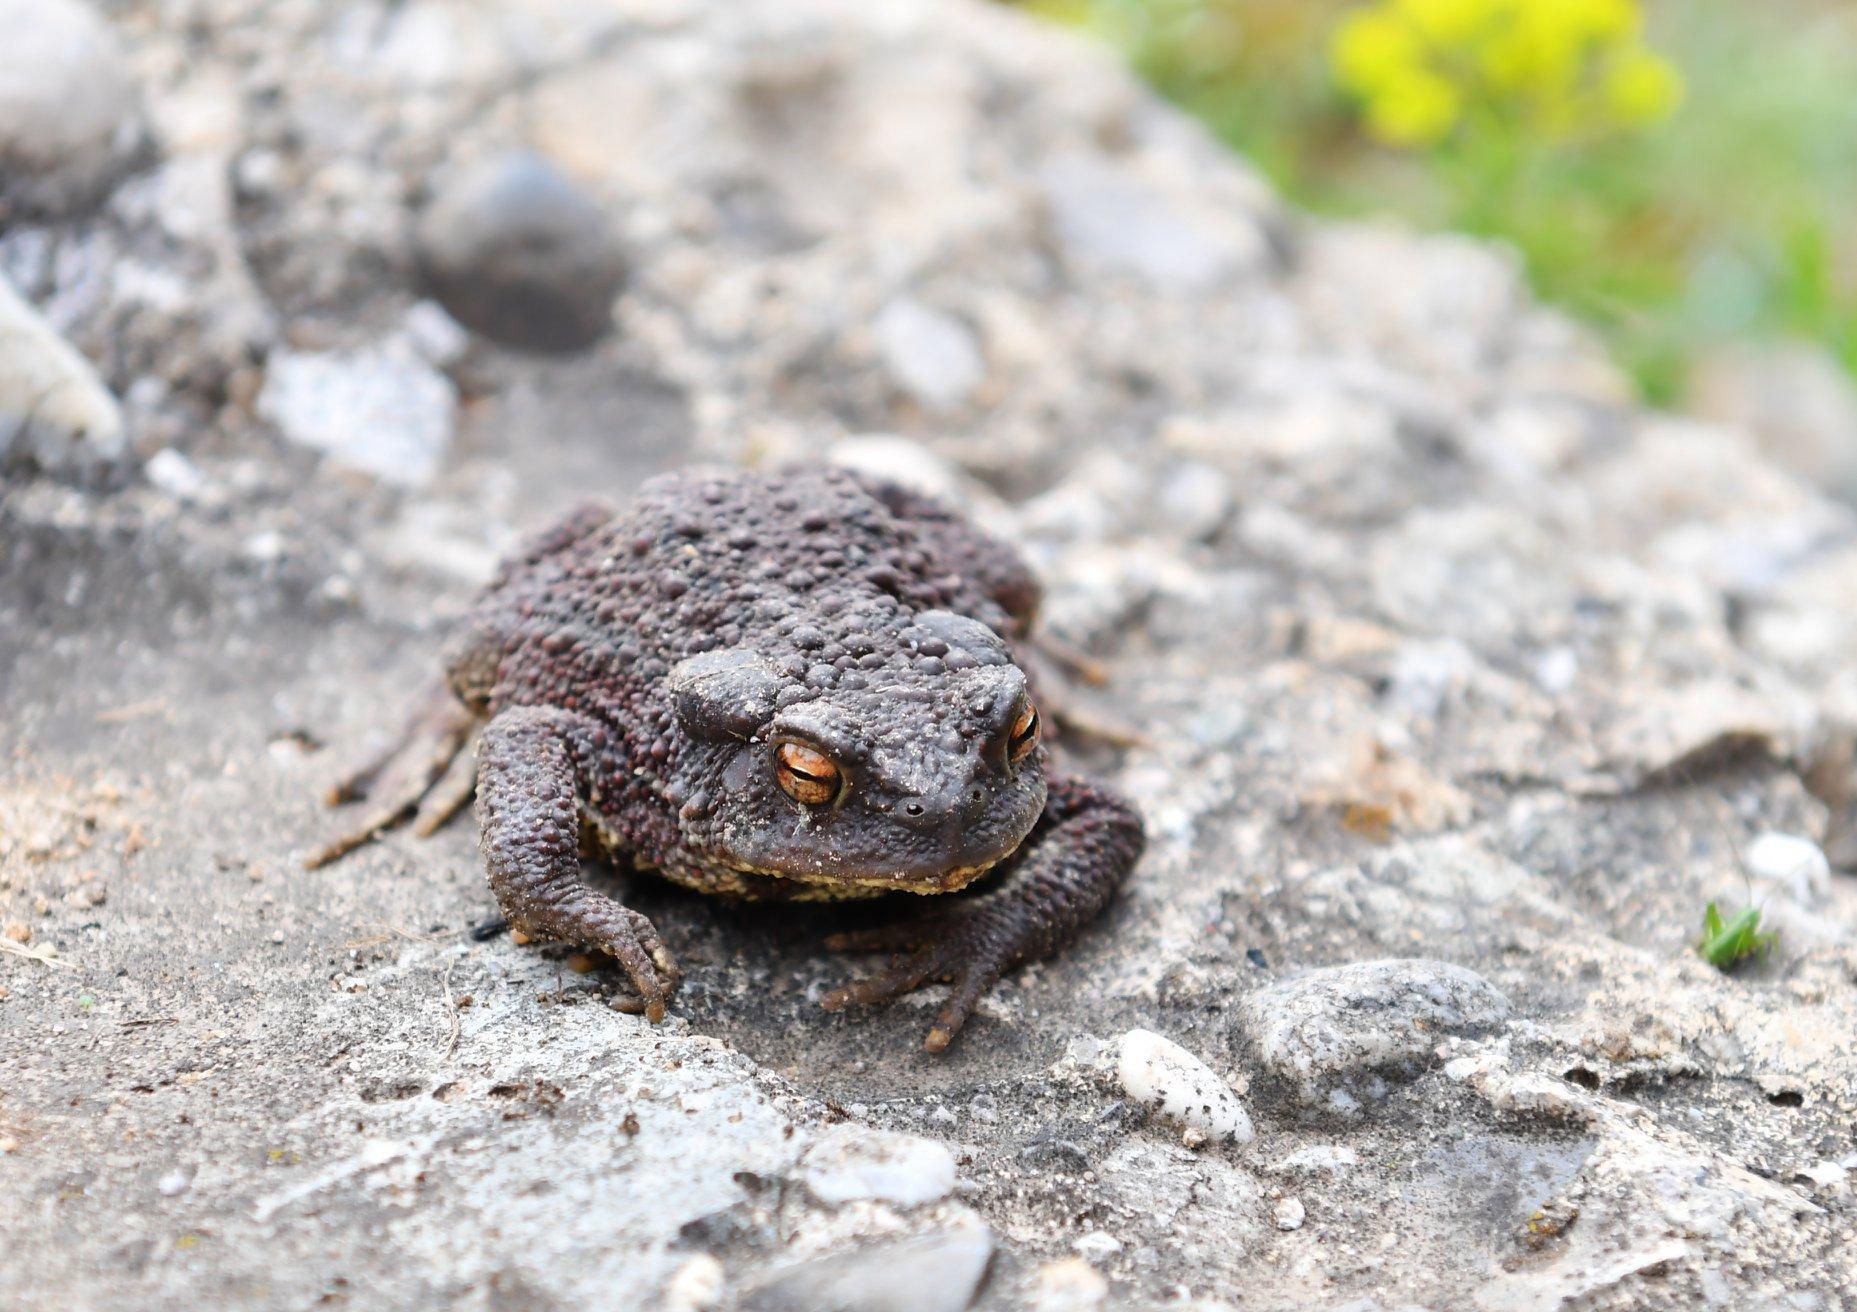 https://cdnfiles1.biolovision.net/www.faune-ain.org/userfiles/3073940316574627243424915424764597900935168o.jpg